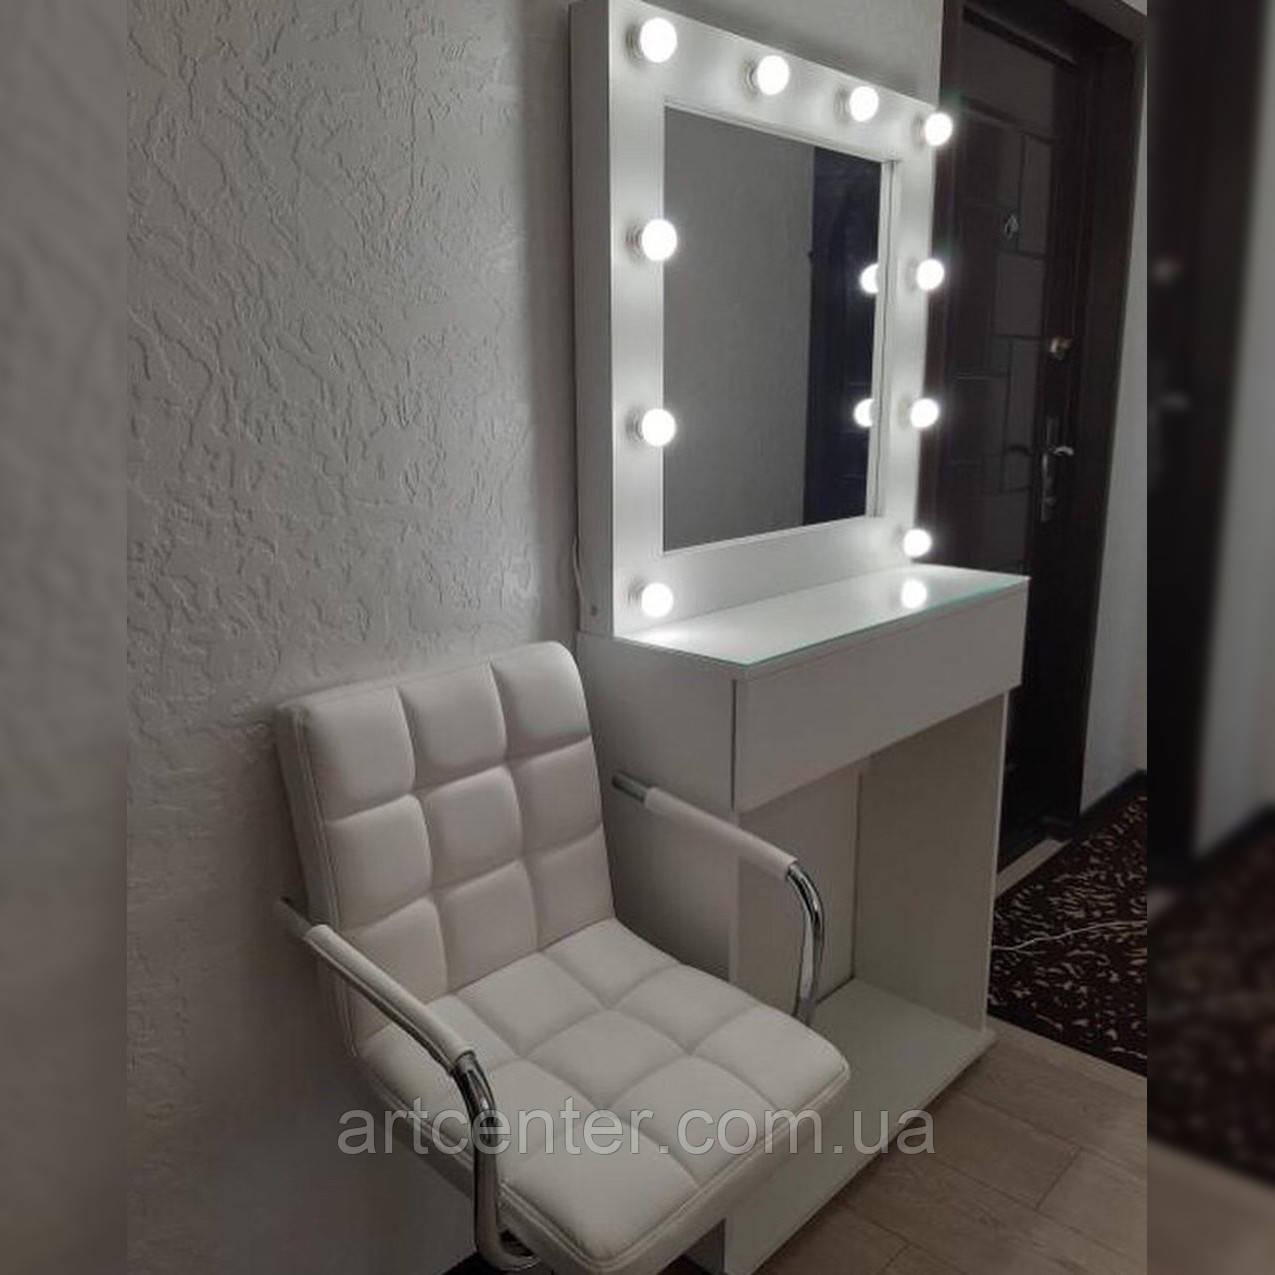 Передвижной визажный стол, стол для визажиста на колесиках